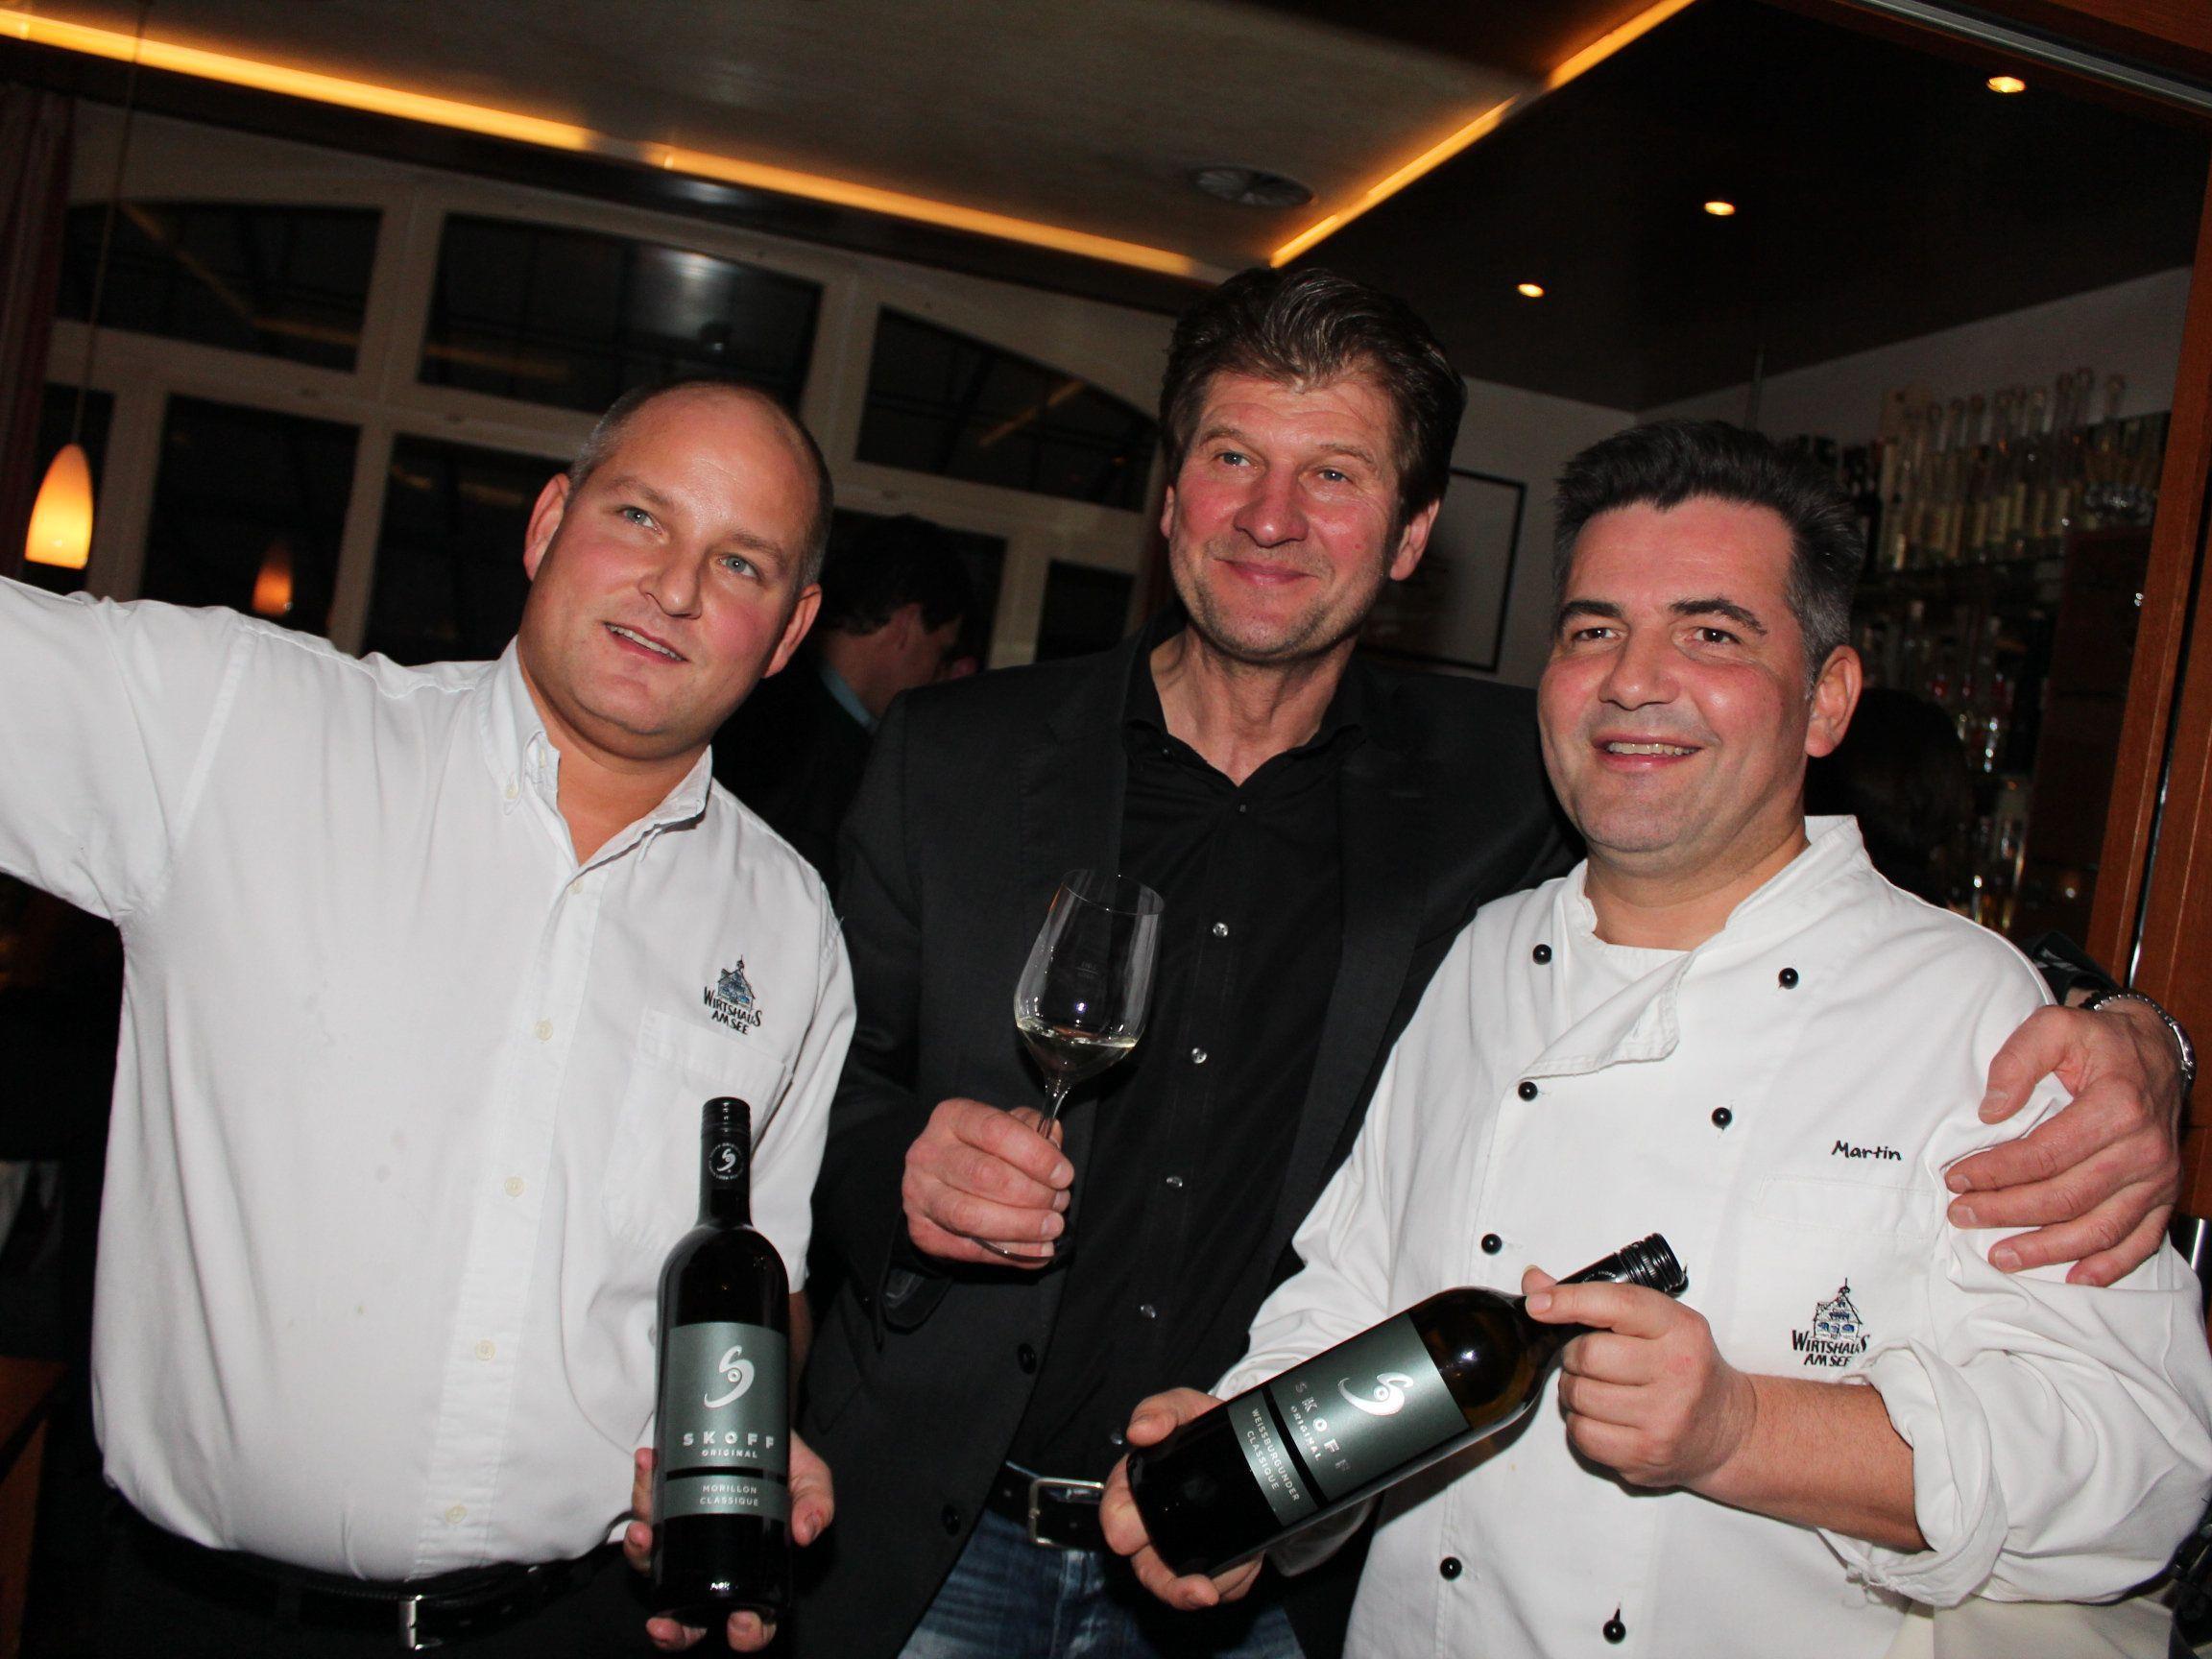 Thomas Zwerger, Walter Skoff und Martin Berthold.